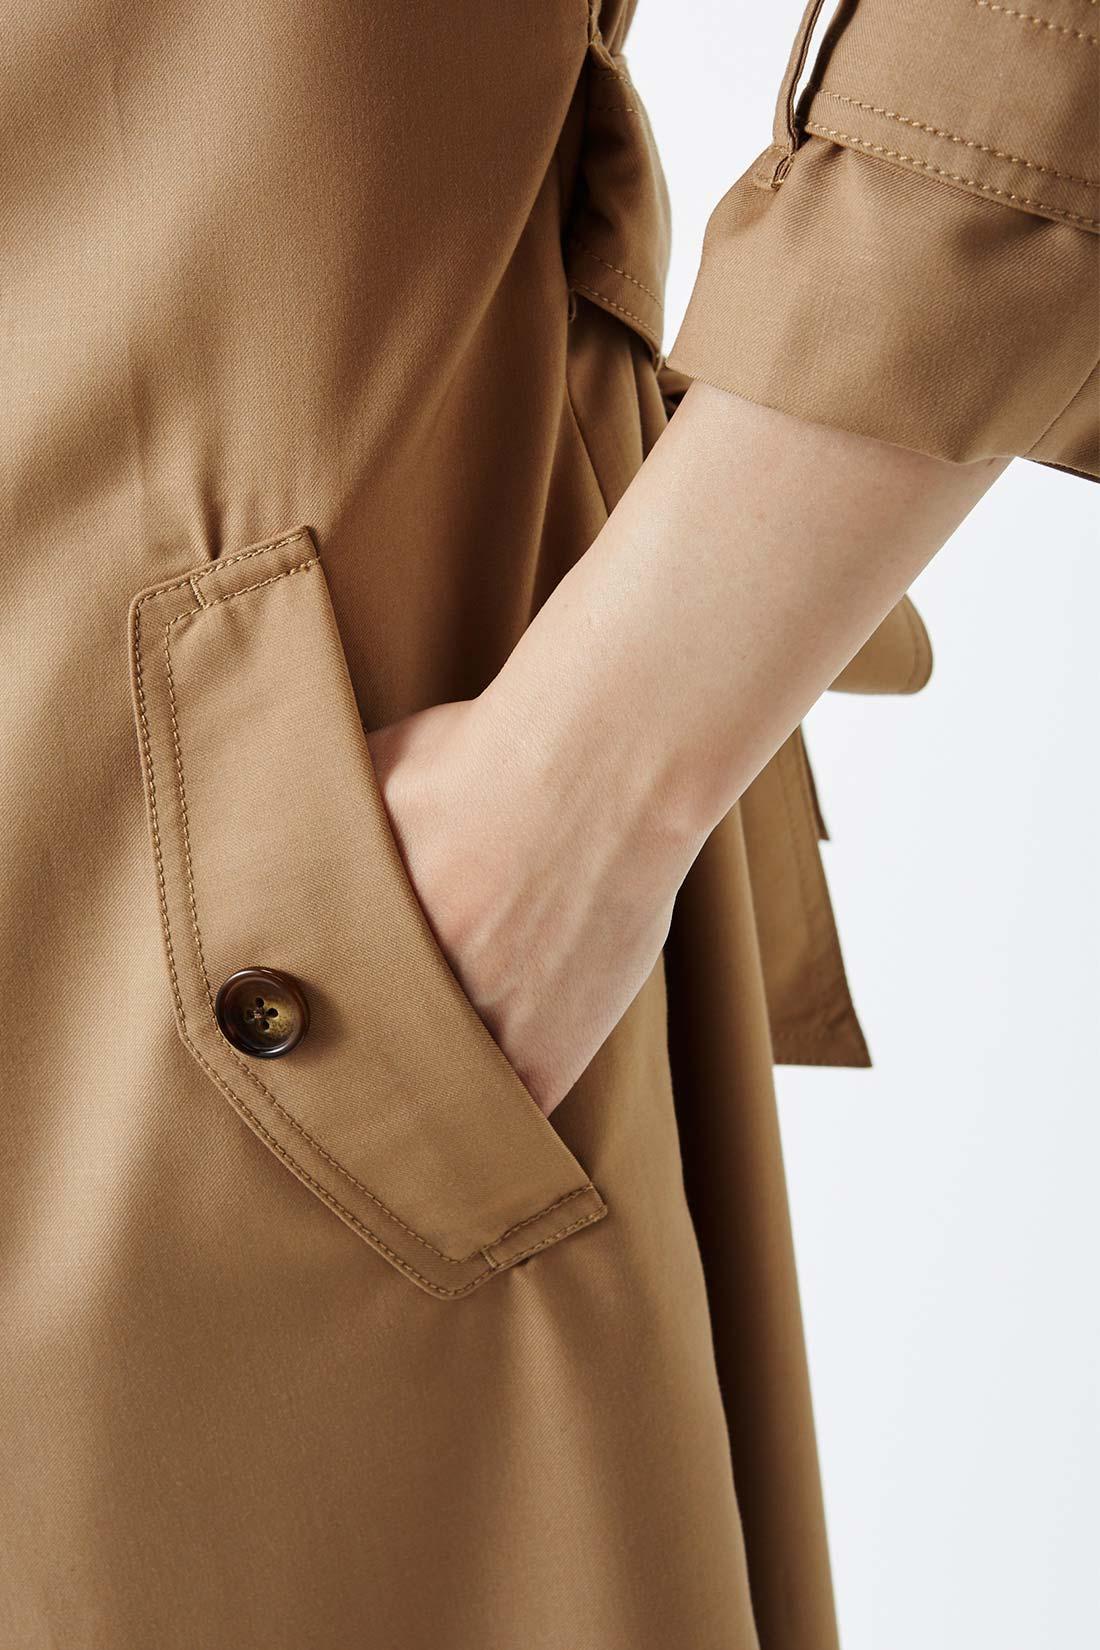 フラップ風のスラッシュポケットでスマートに。 ポケットは、ボタンを開けずに、さっと手が入れられる仕様。